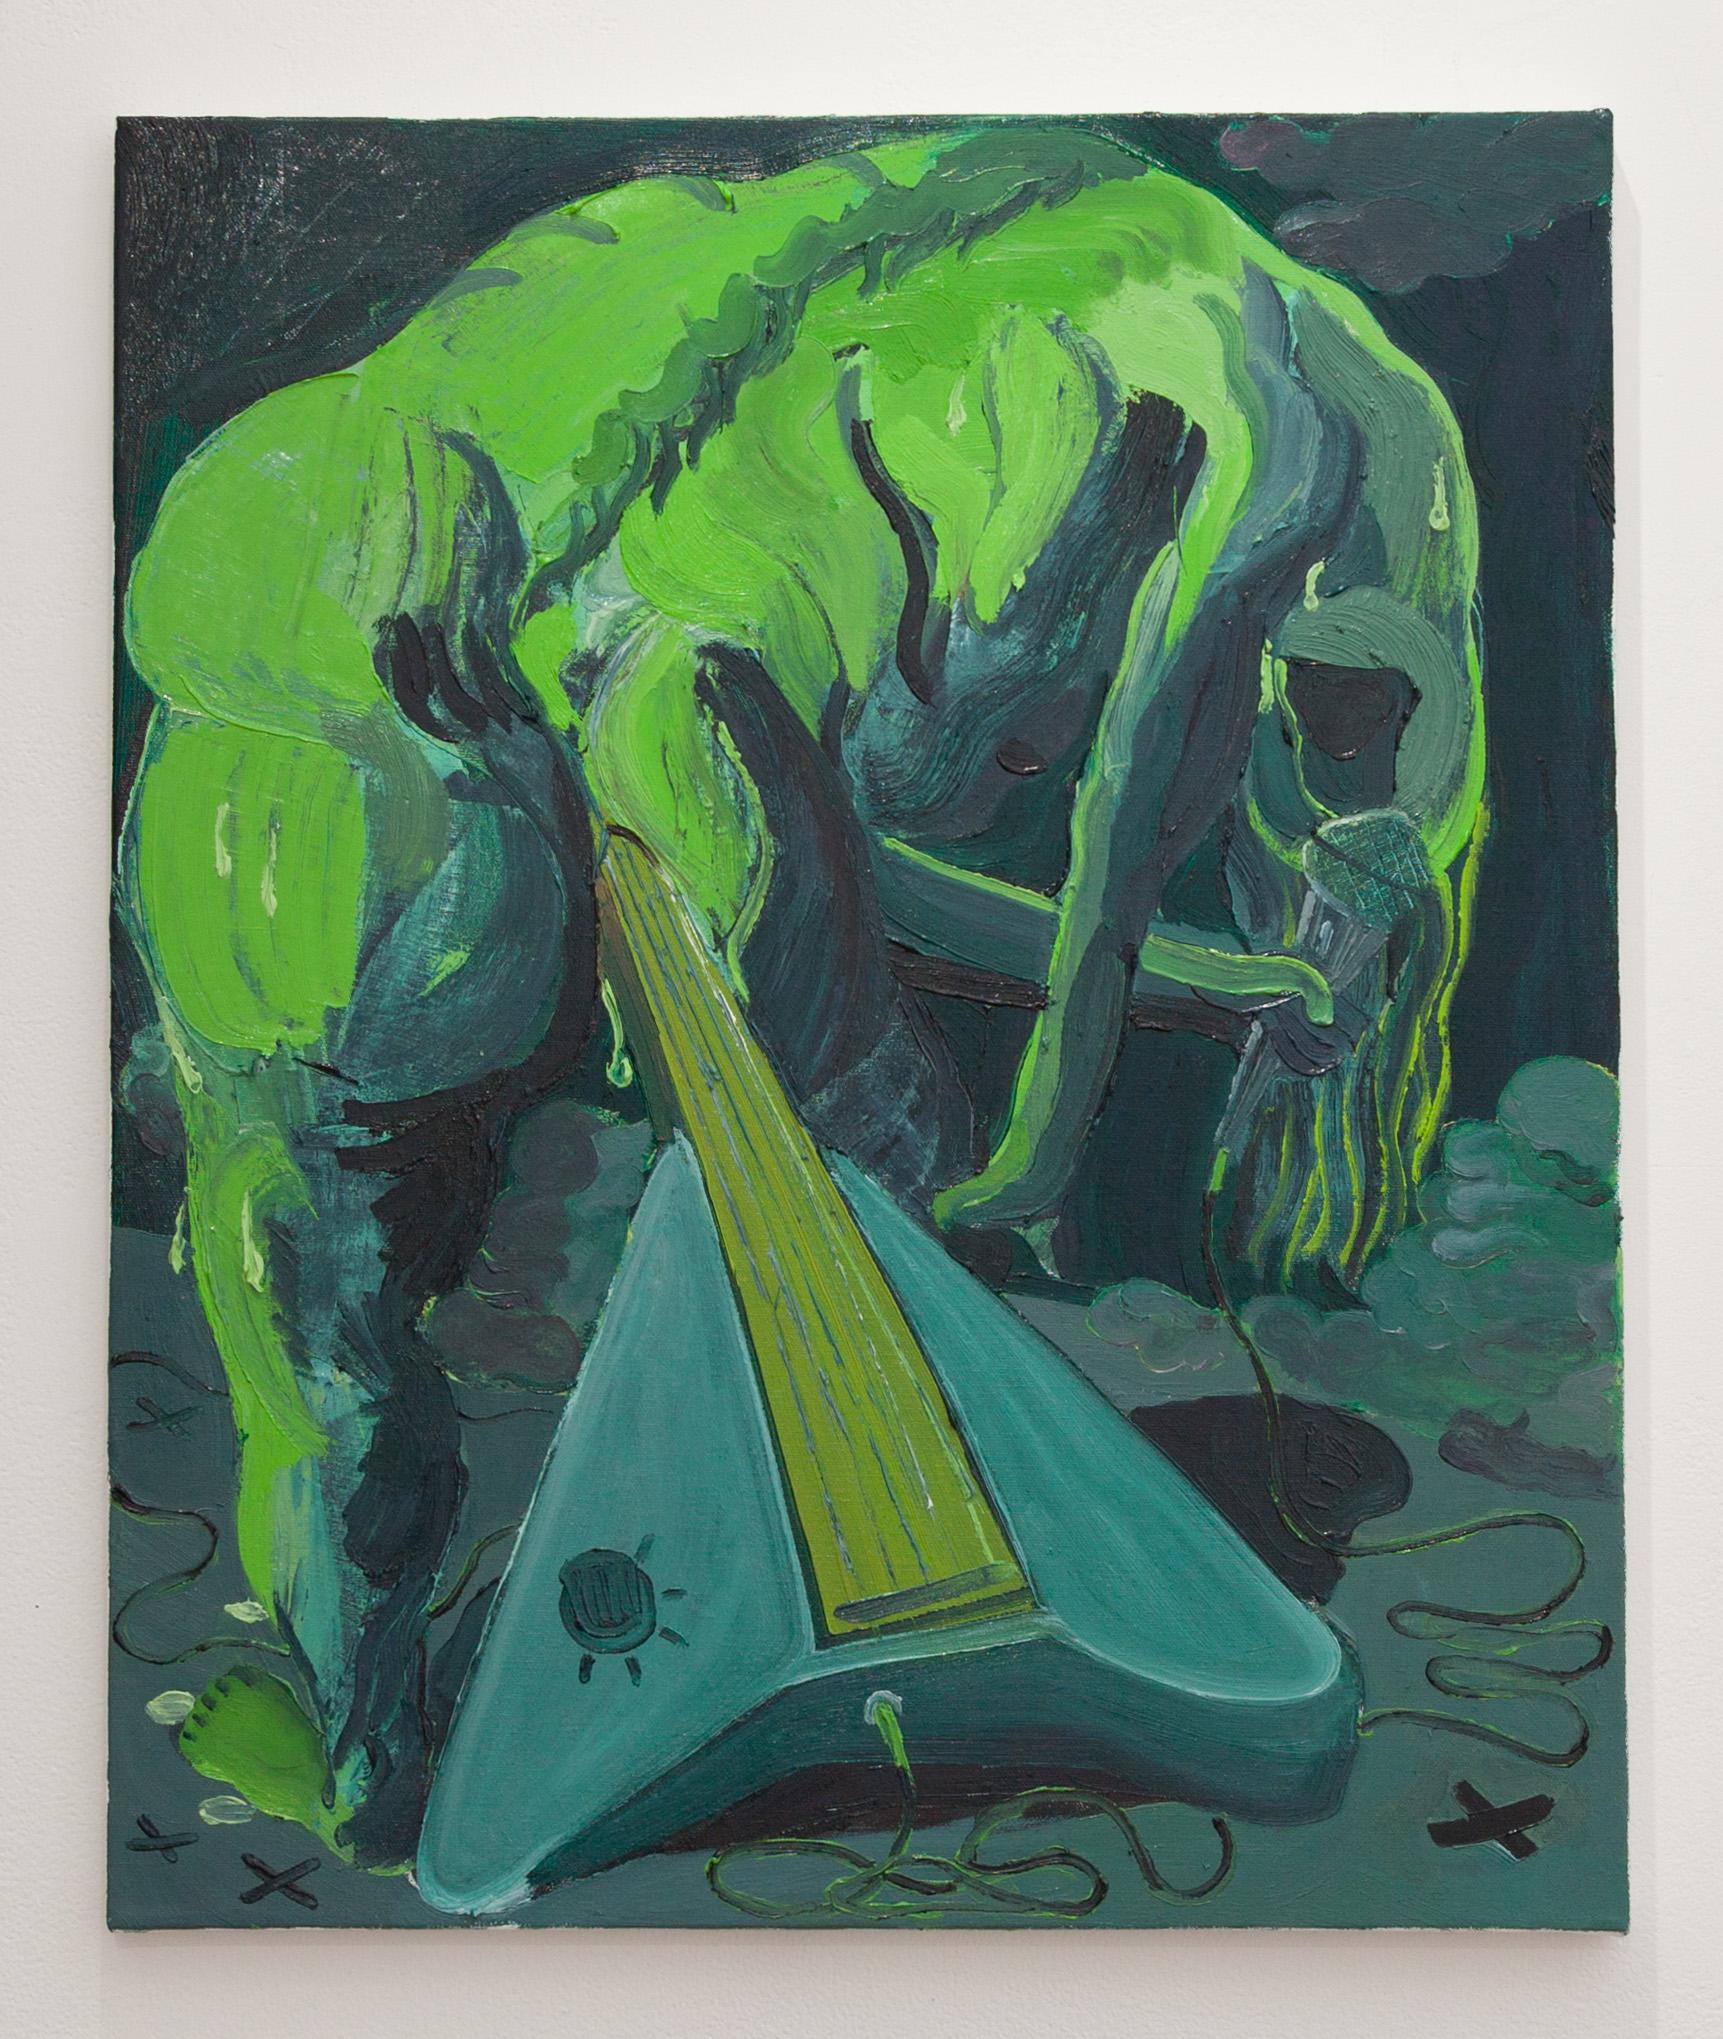 Leonard Reibstein Thesis Image